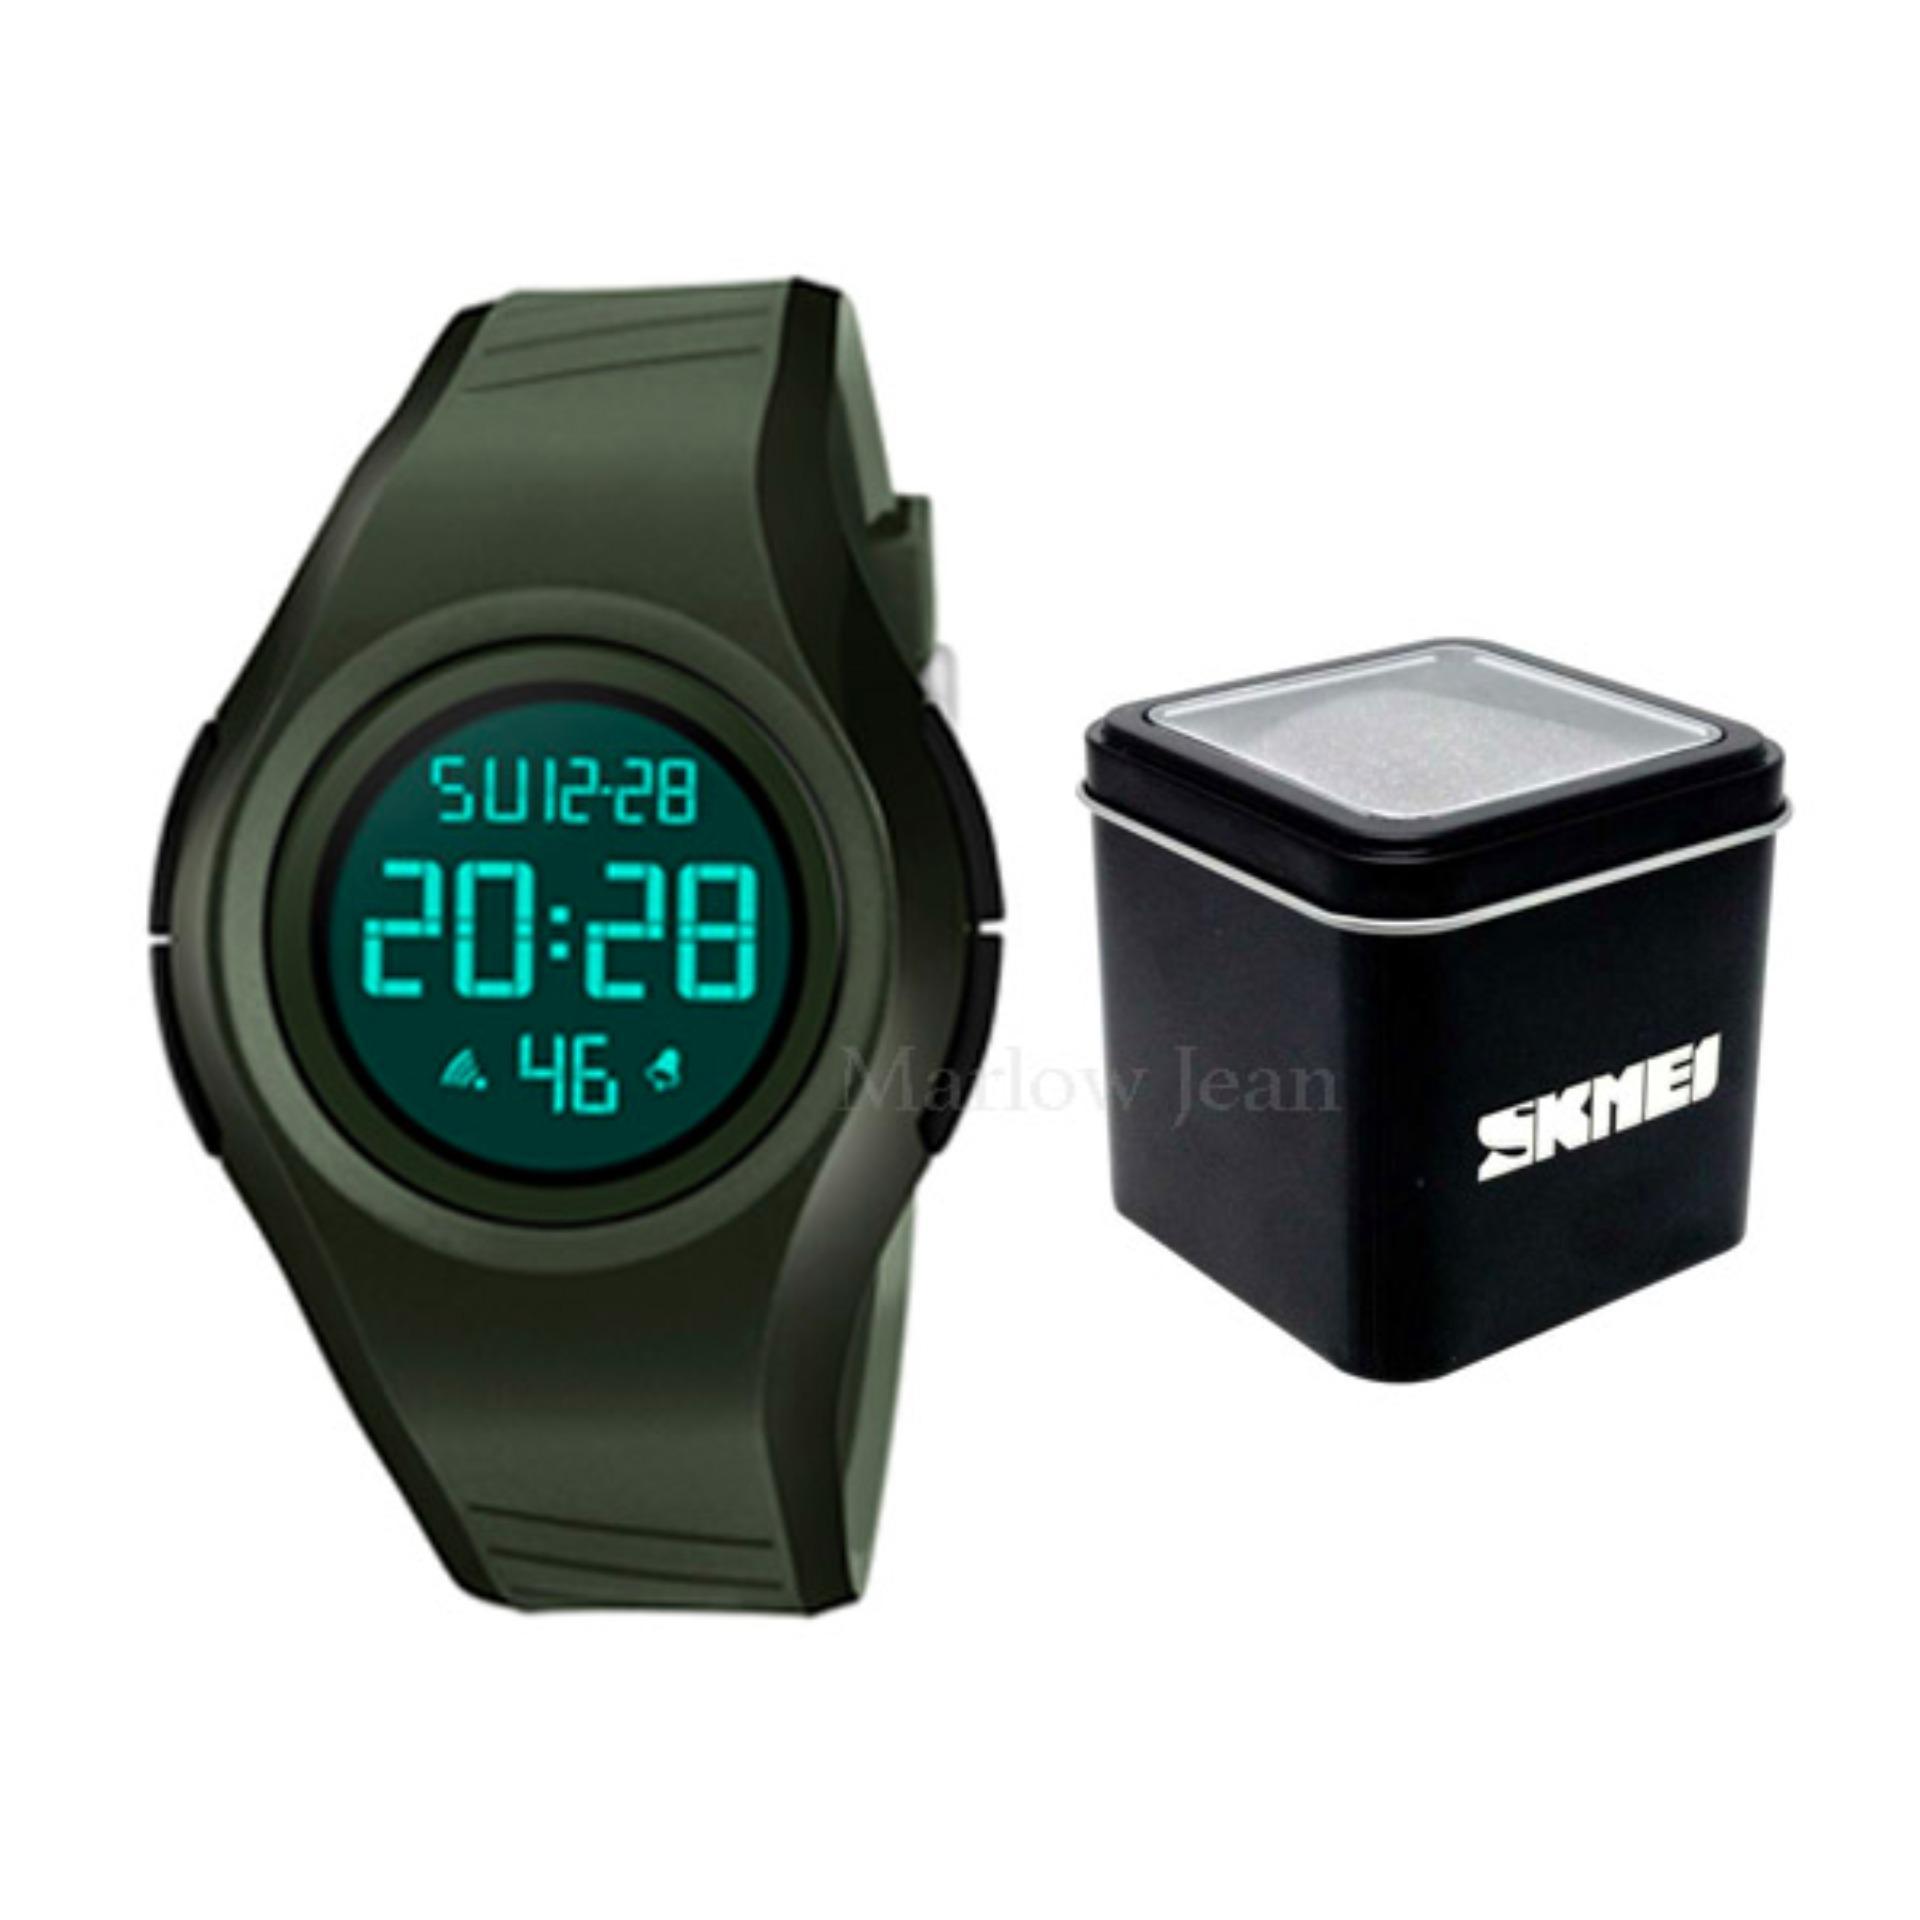 Kualitas Skmei Jam Tangan Digital Pria 1269 Garansi Skmei Incluce Box Skmei Army Green Skmei